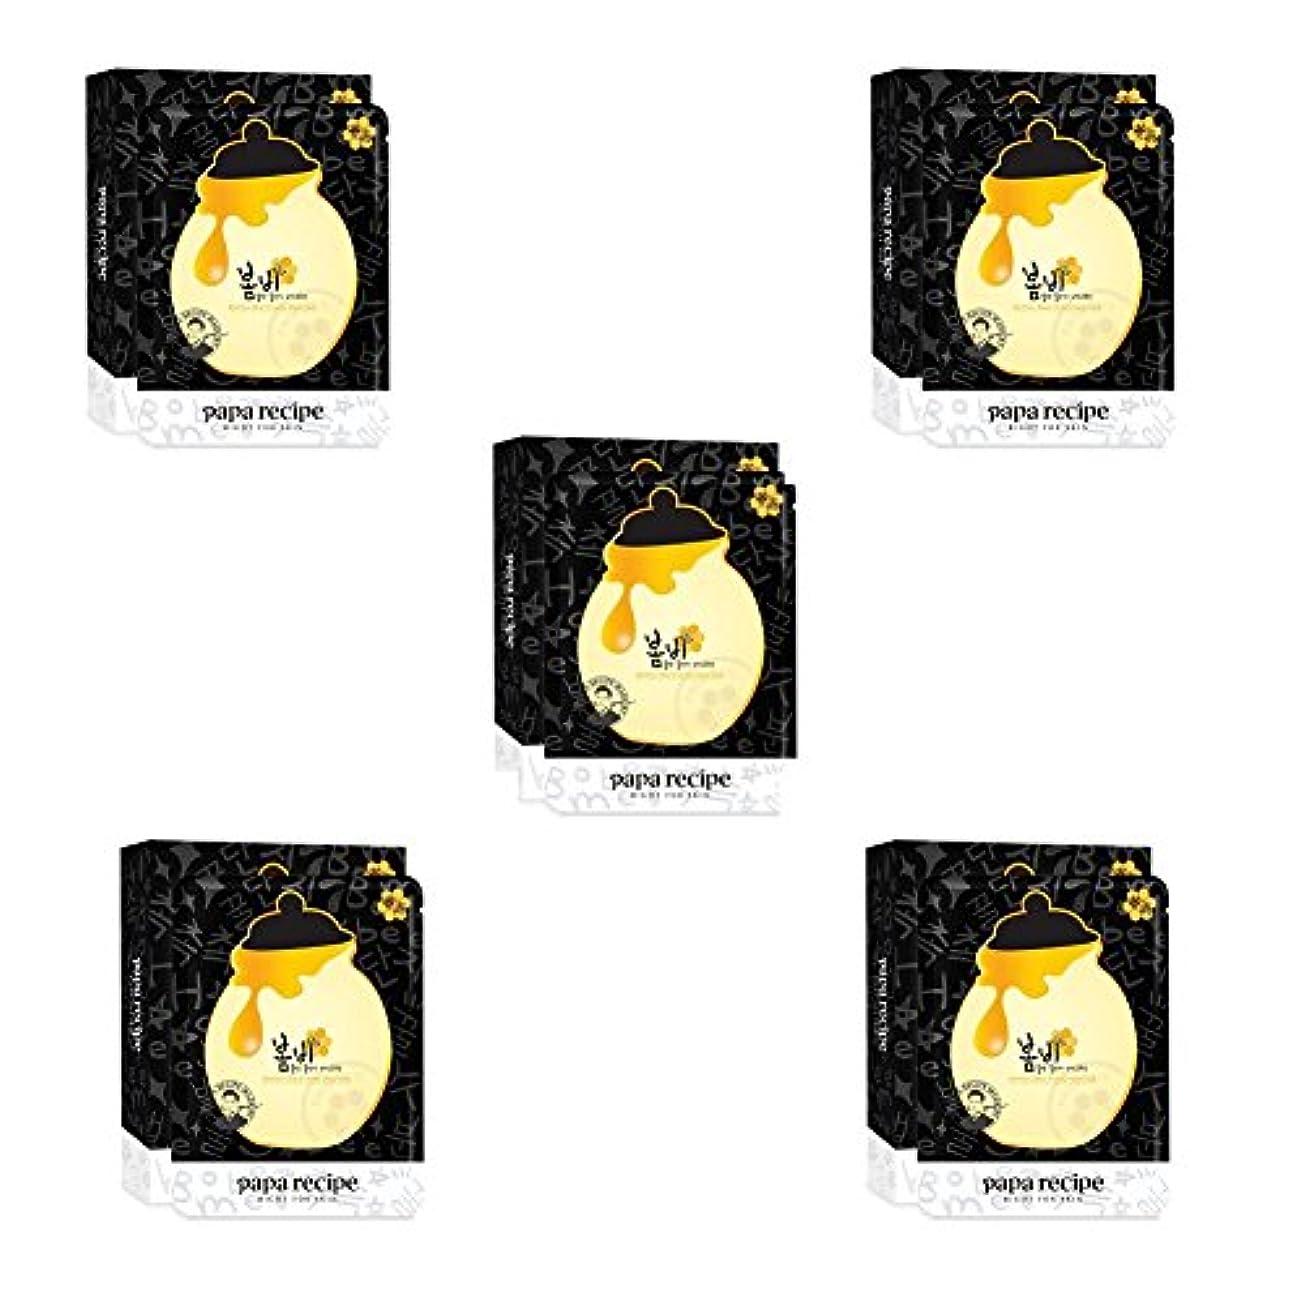 寛解荒野展示会Papa Recipe Bombee Black Honey Mask Pack (10sheets X 5) パパレシピ ボムビー ブラックハニー マスクパック (10sheets X 5)